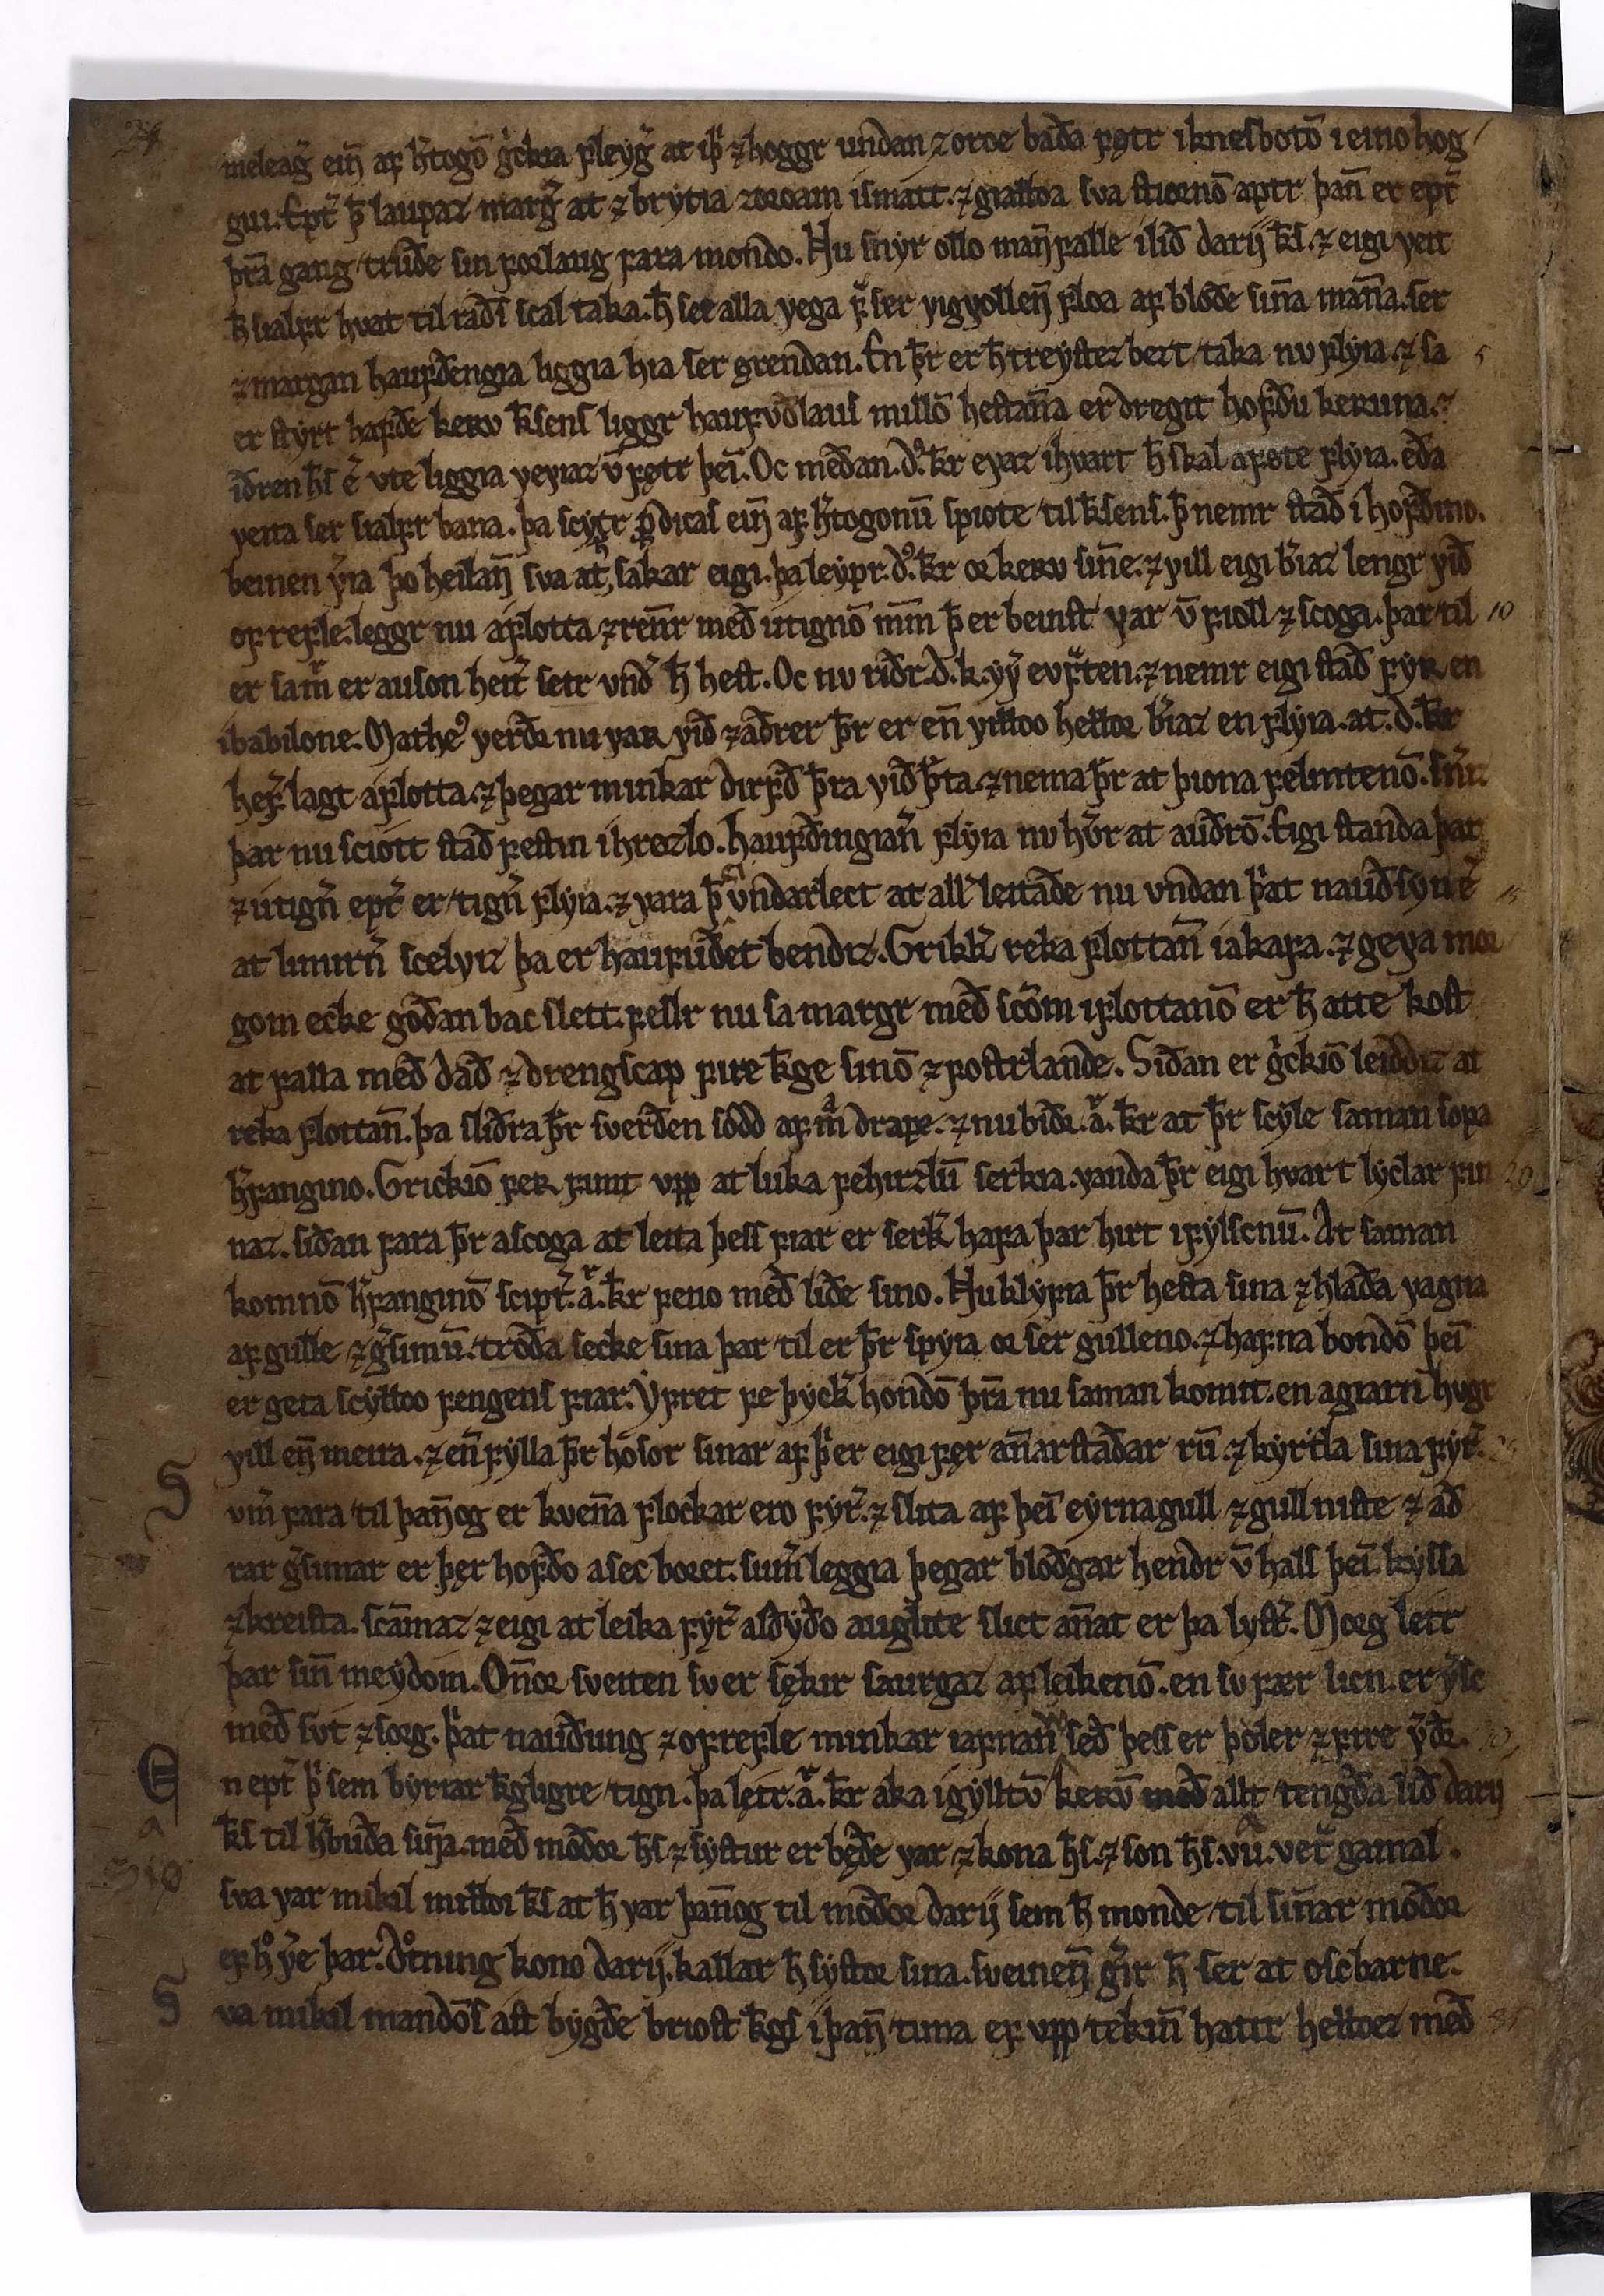 AM 519 a 4° - 11v